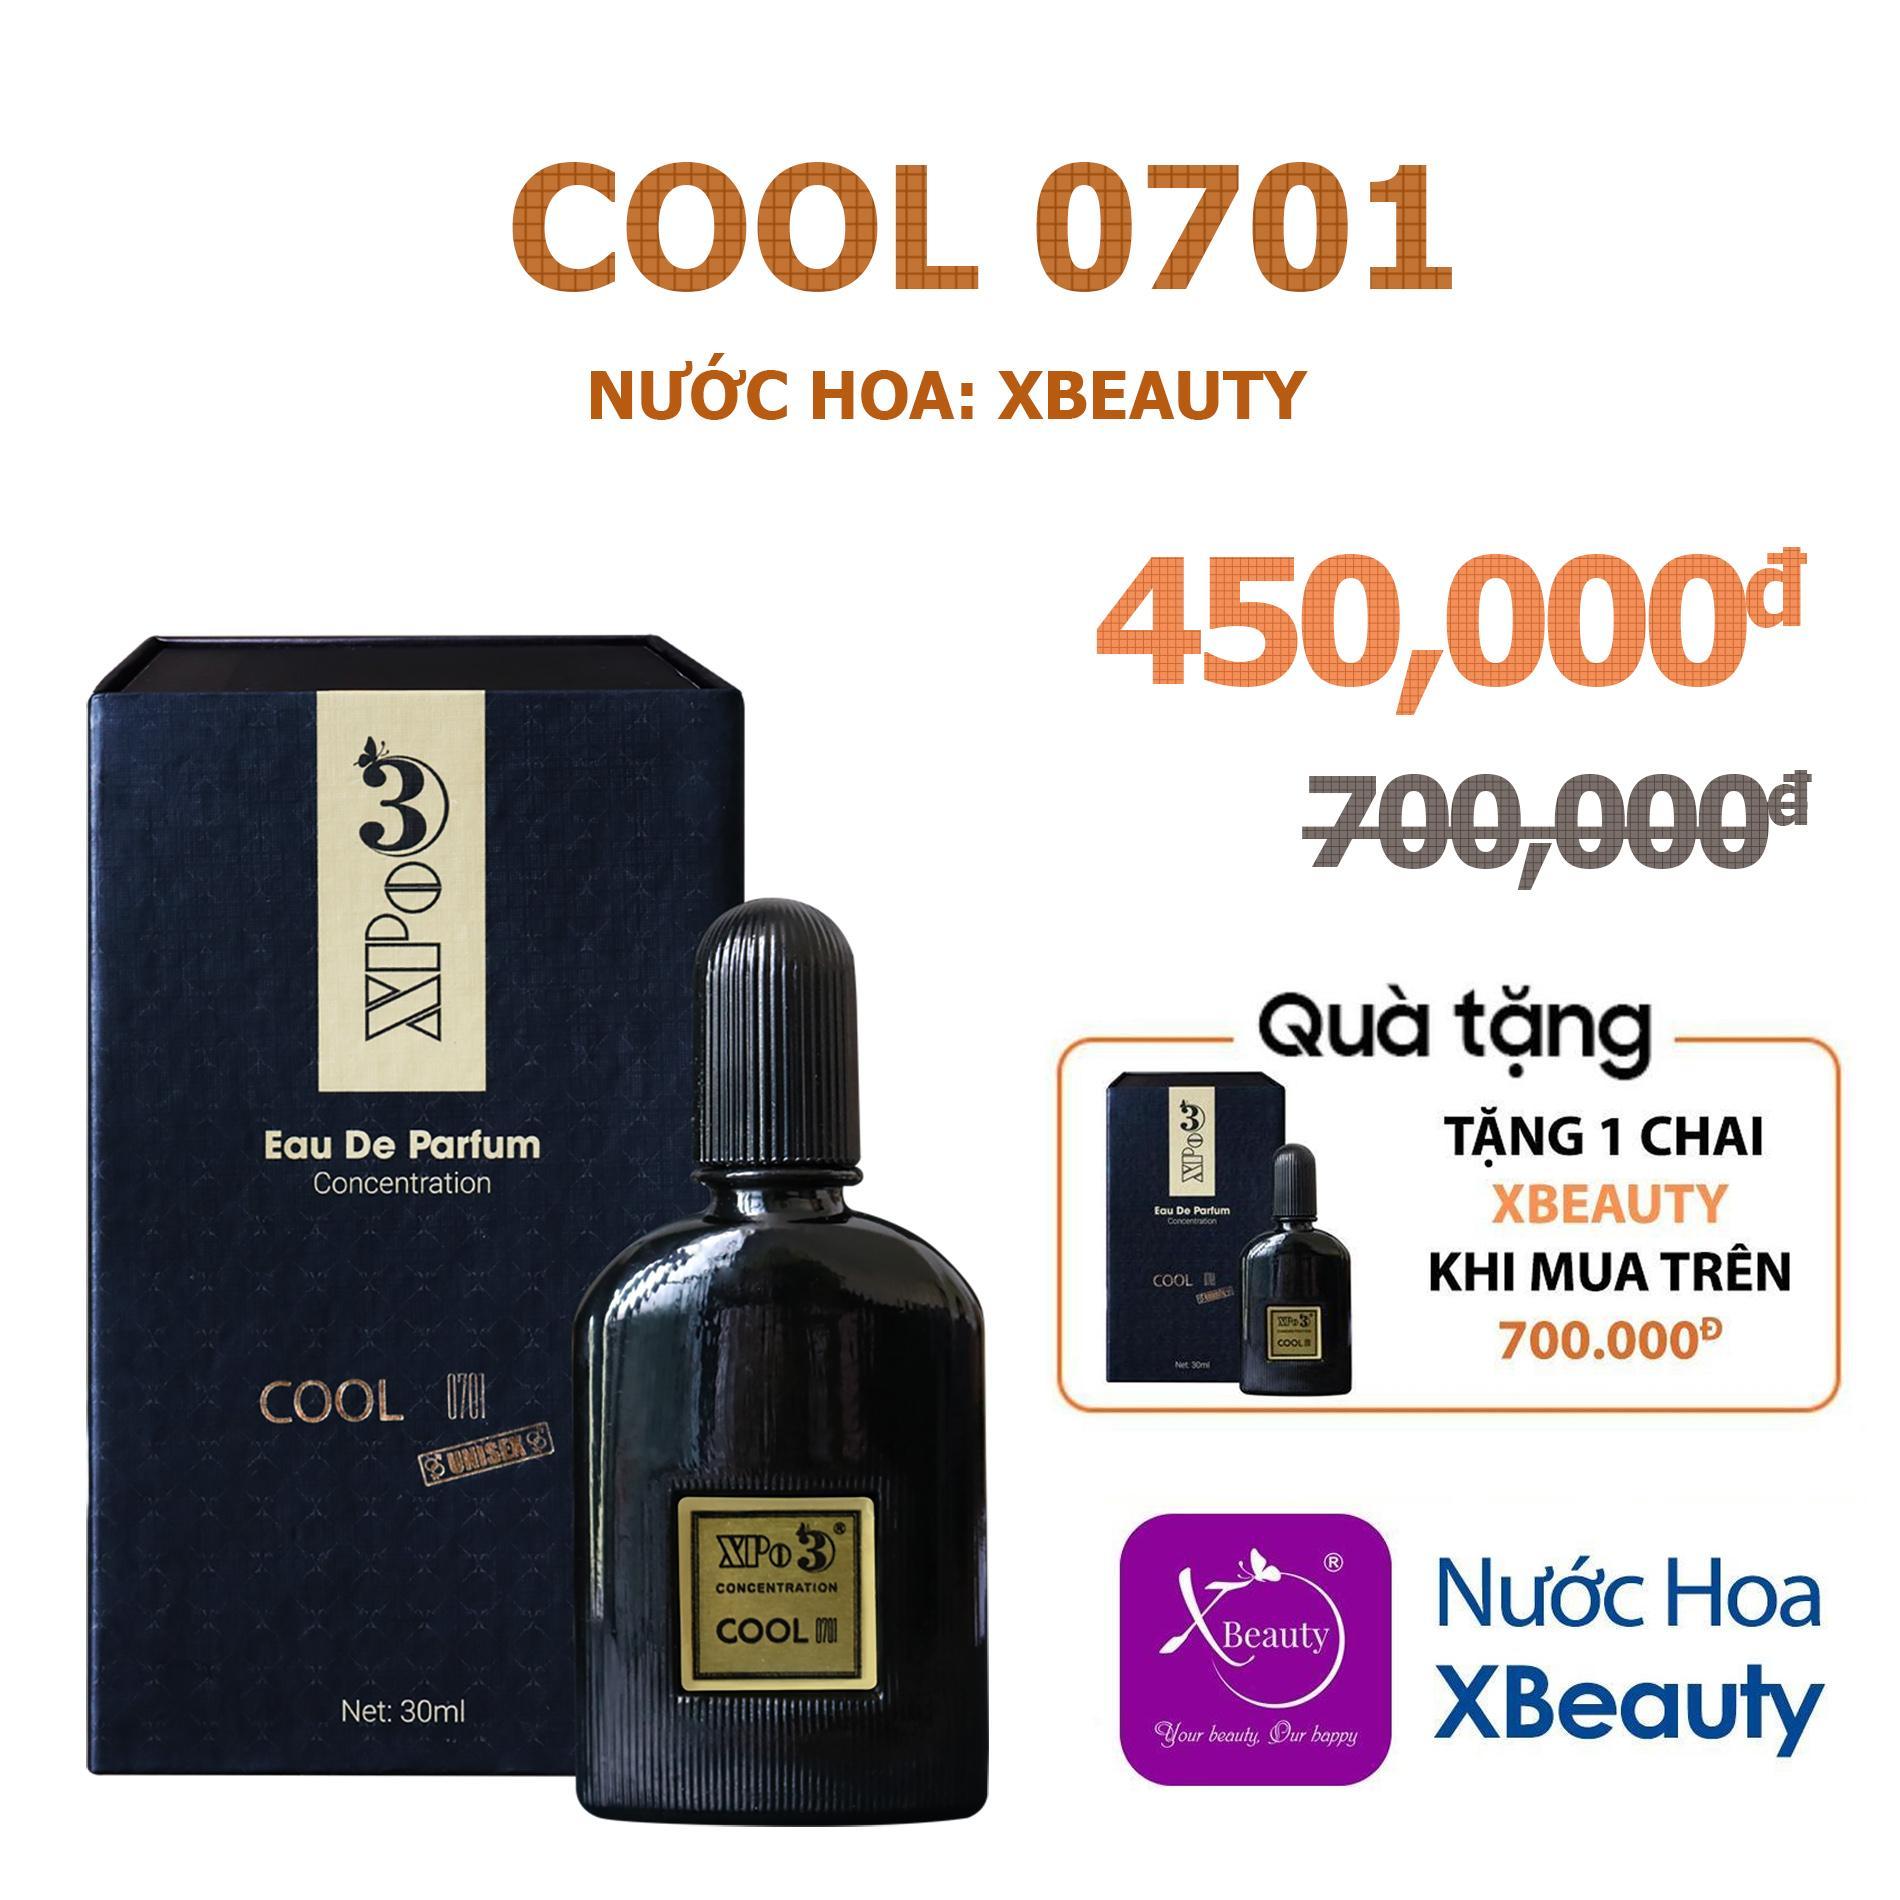 Nước hoa Nam Nữ XBeauty XPo3 Cool 0701 30ml (GTIN: 8938511722109). Nước hoa cô đặc thơm lâu dành cho Nam & Nữ (Unisex)